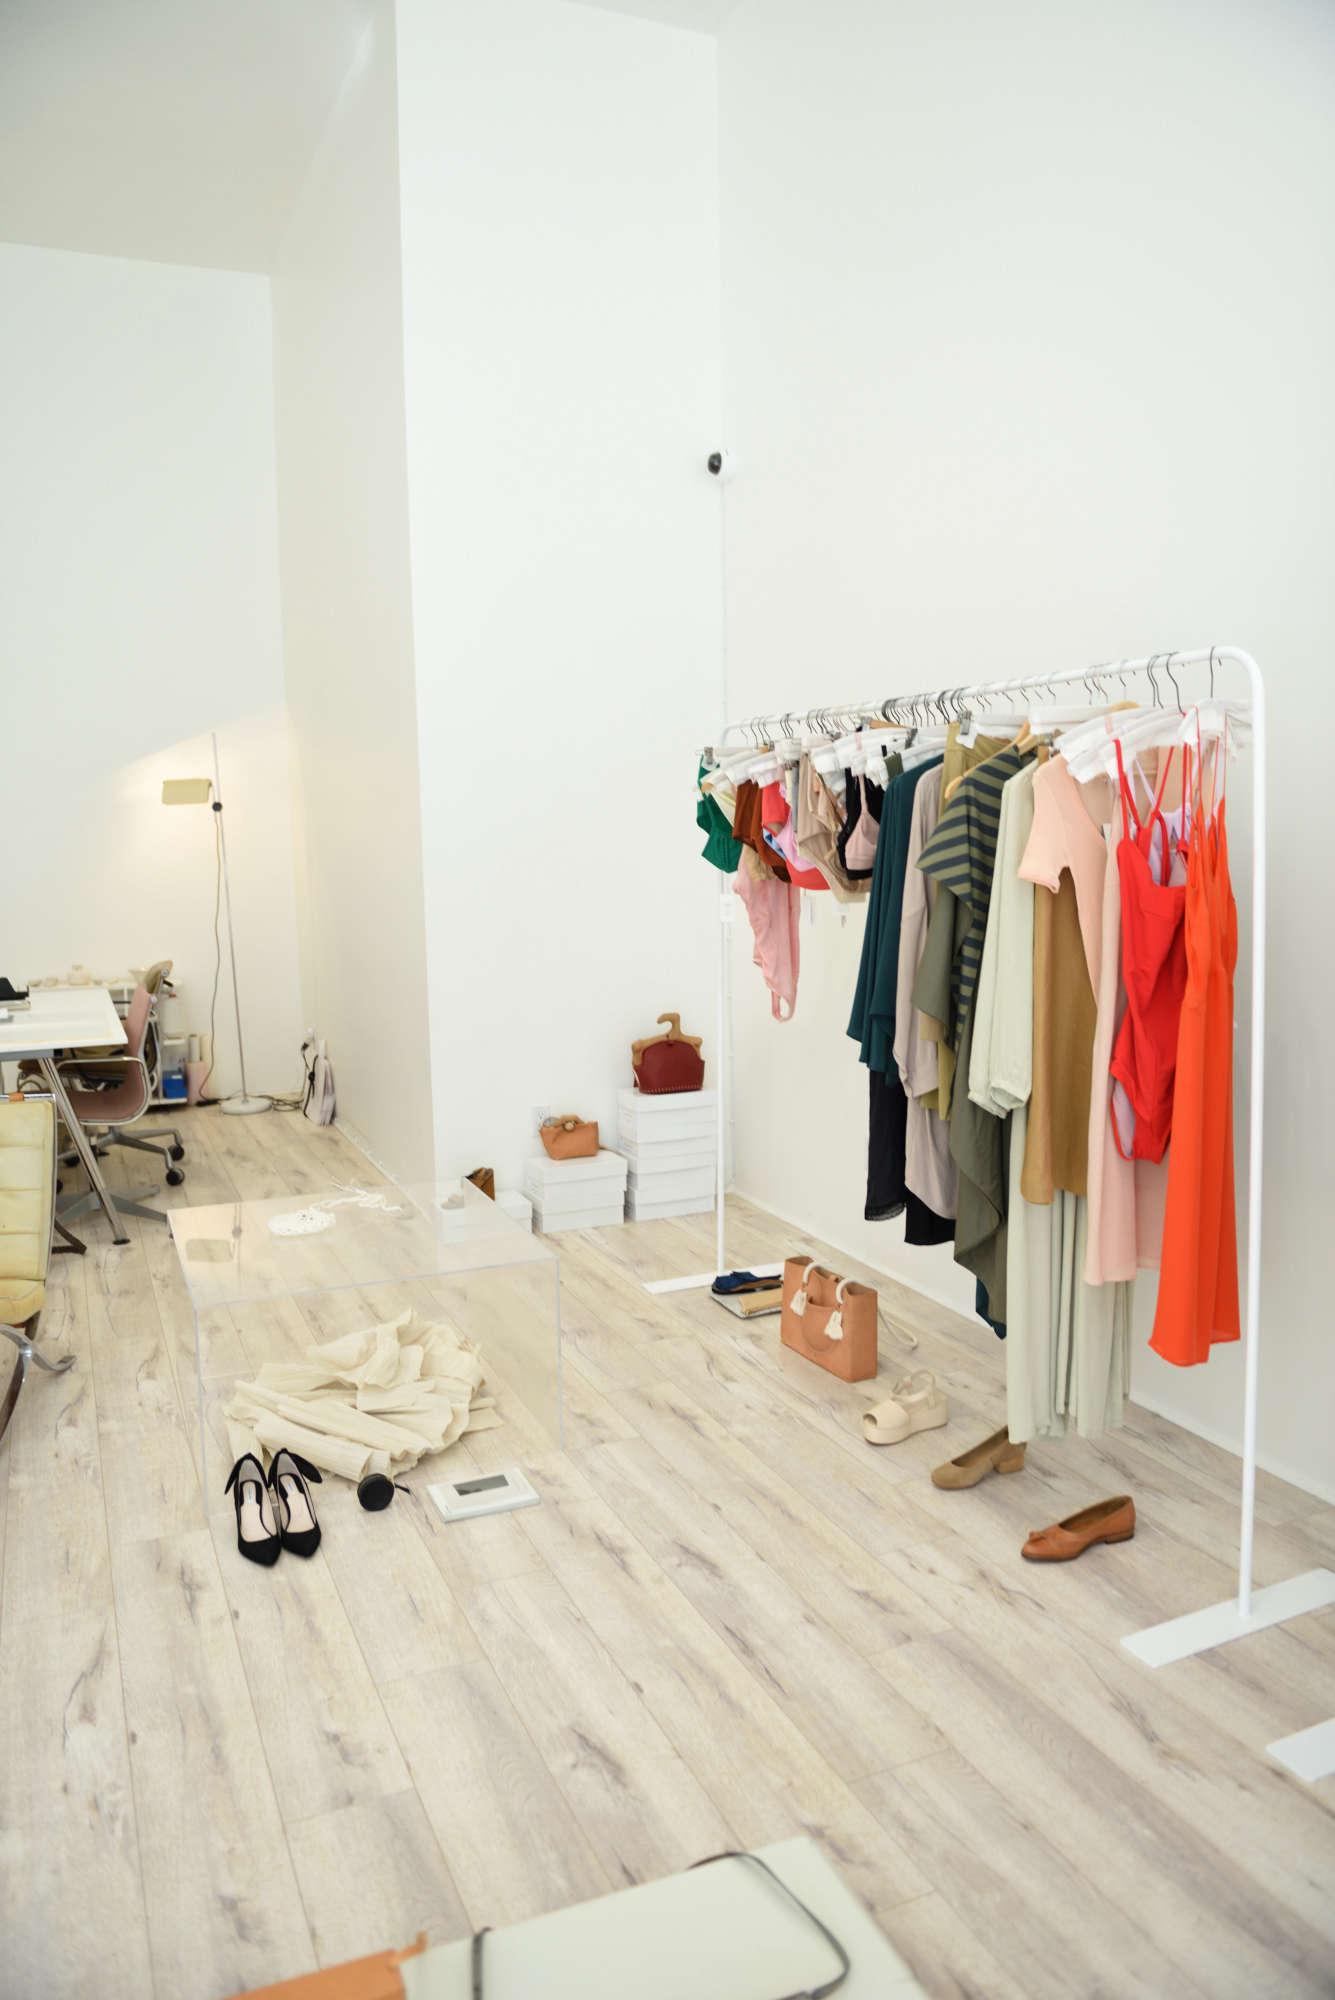 anaise shop san francisco remodelista 5 12